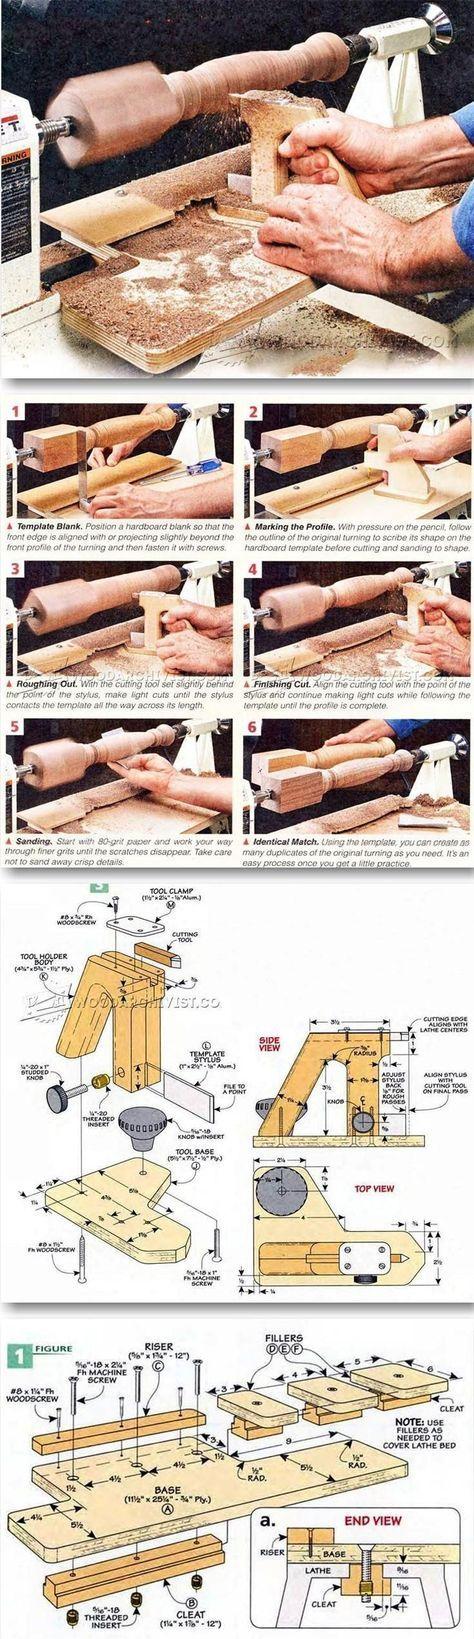 DIY Wood Lathe Duplicator - Lathe Tips, Jigs and Fixtures